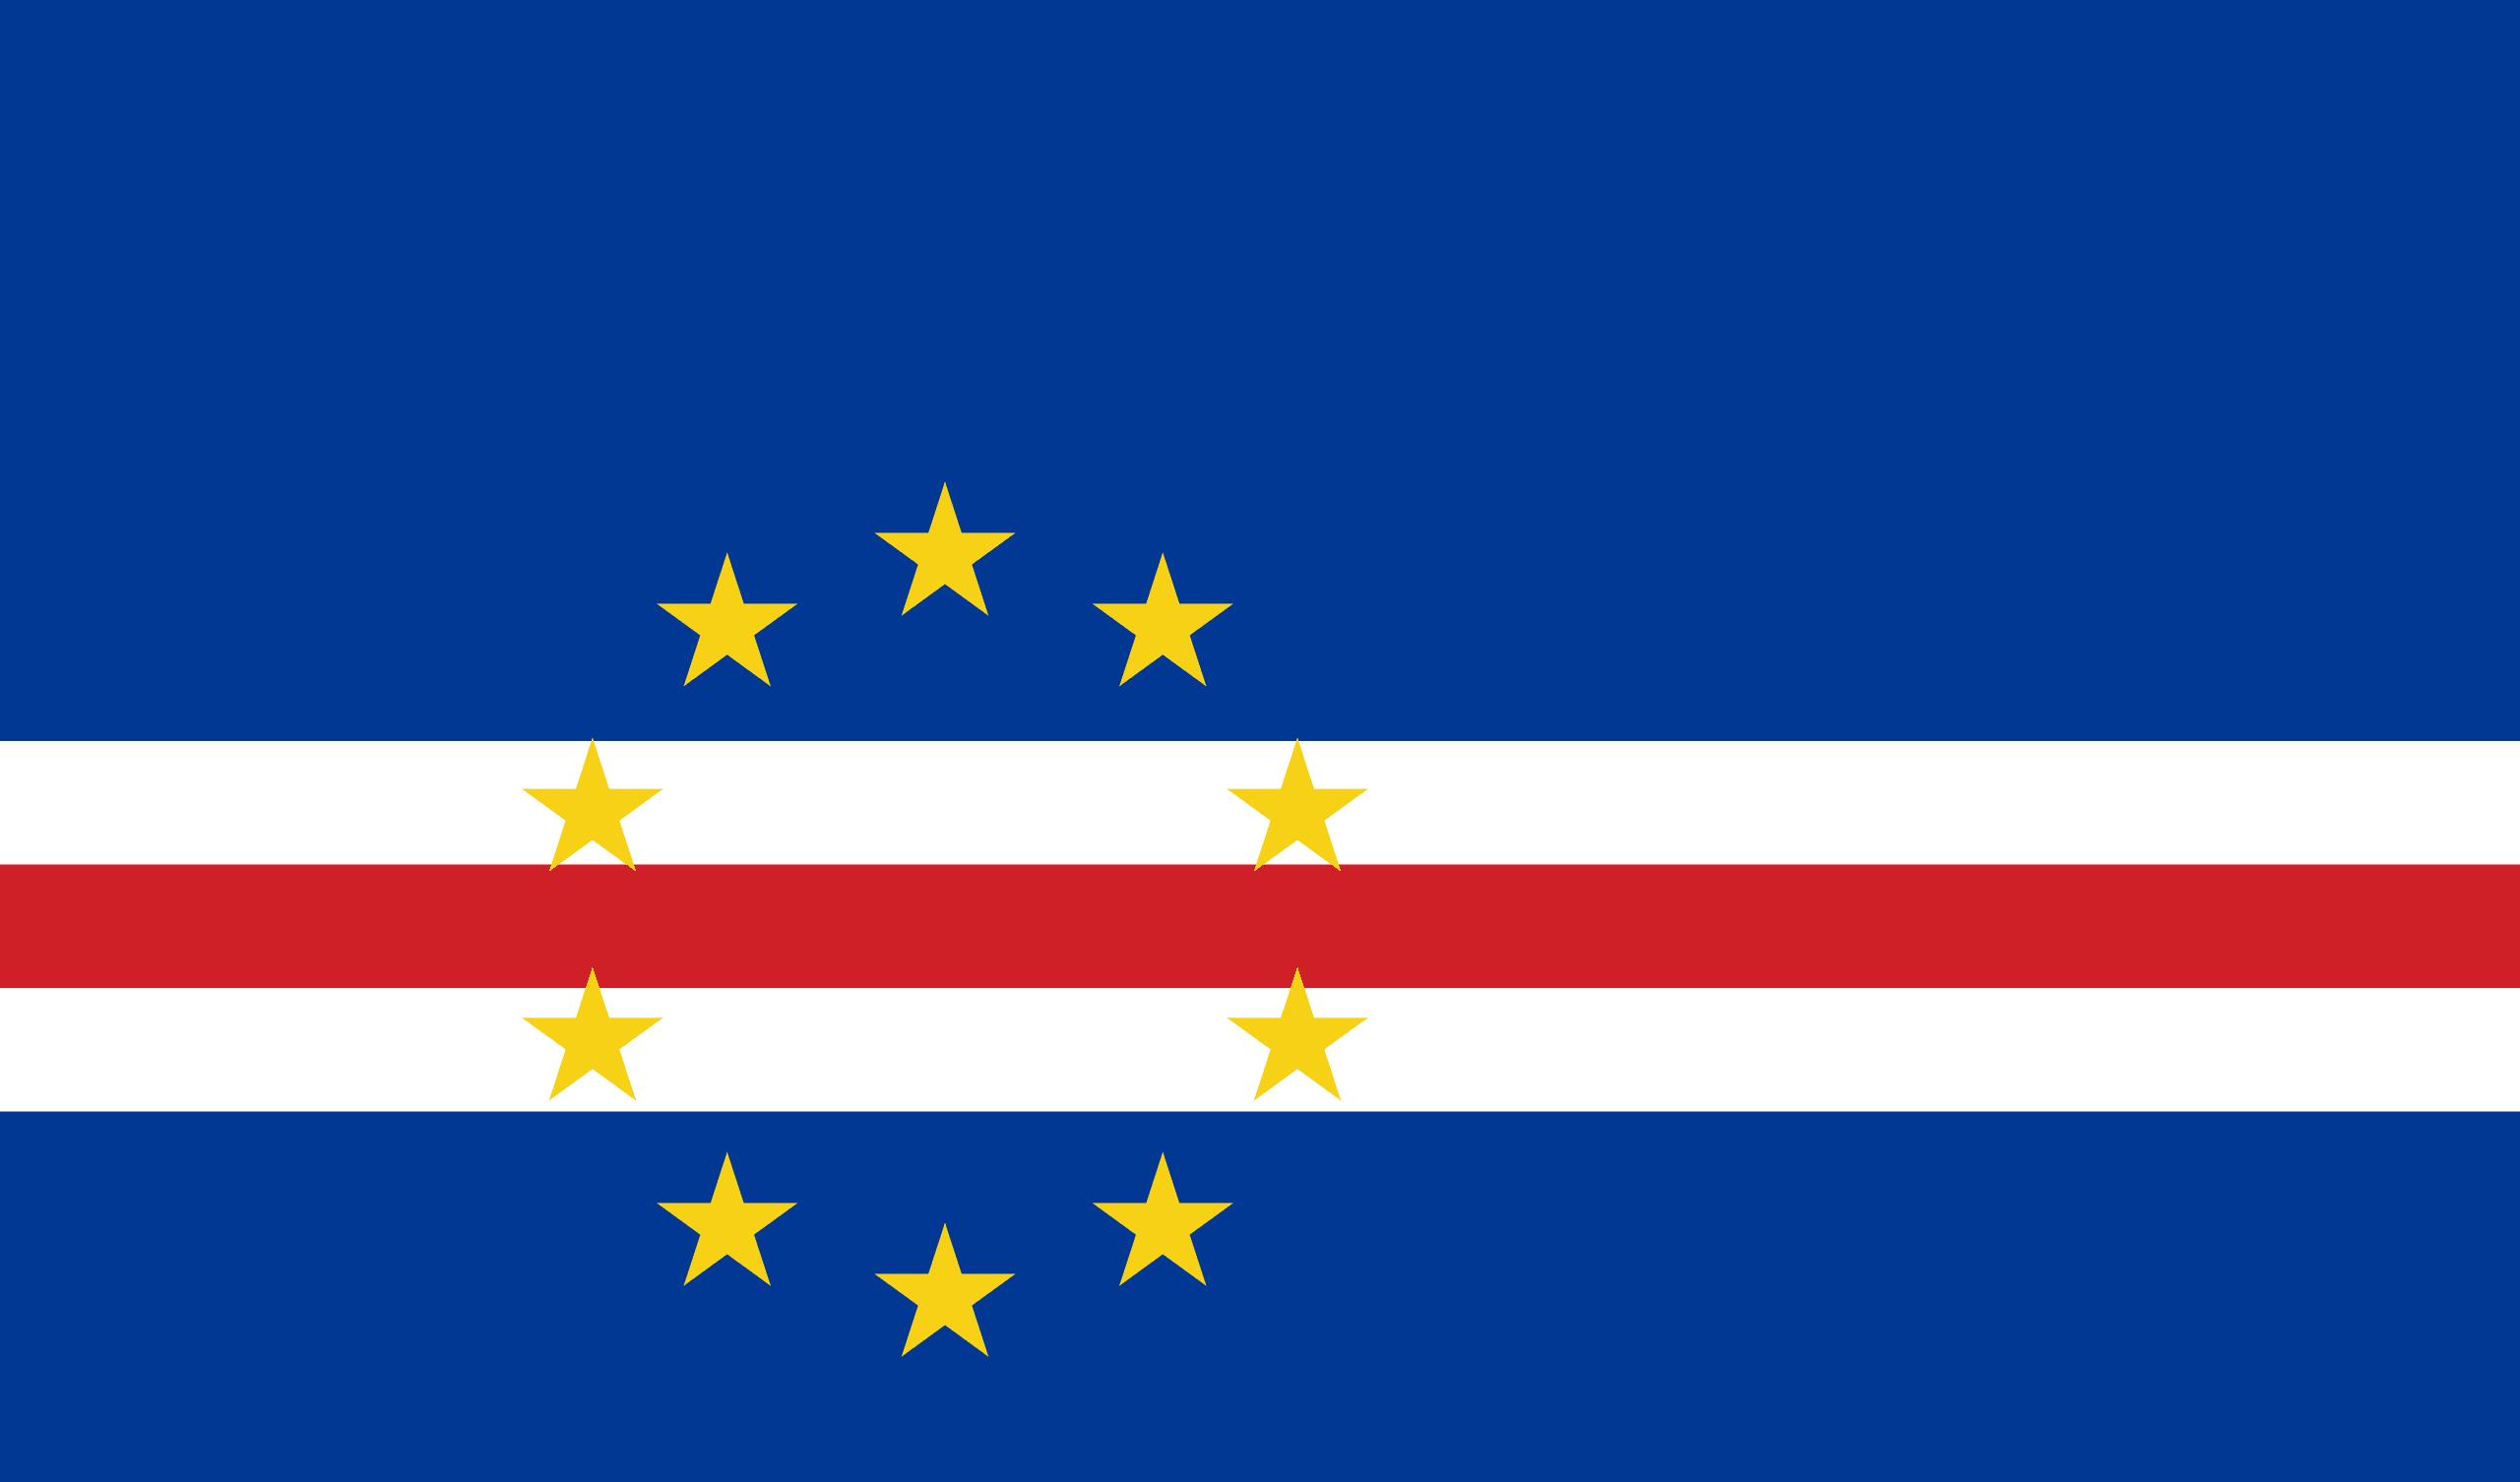 Σημαία Πράσινου Ακρωτηρίου